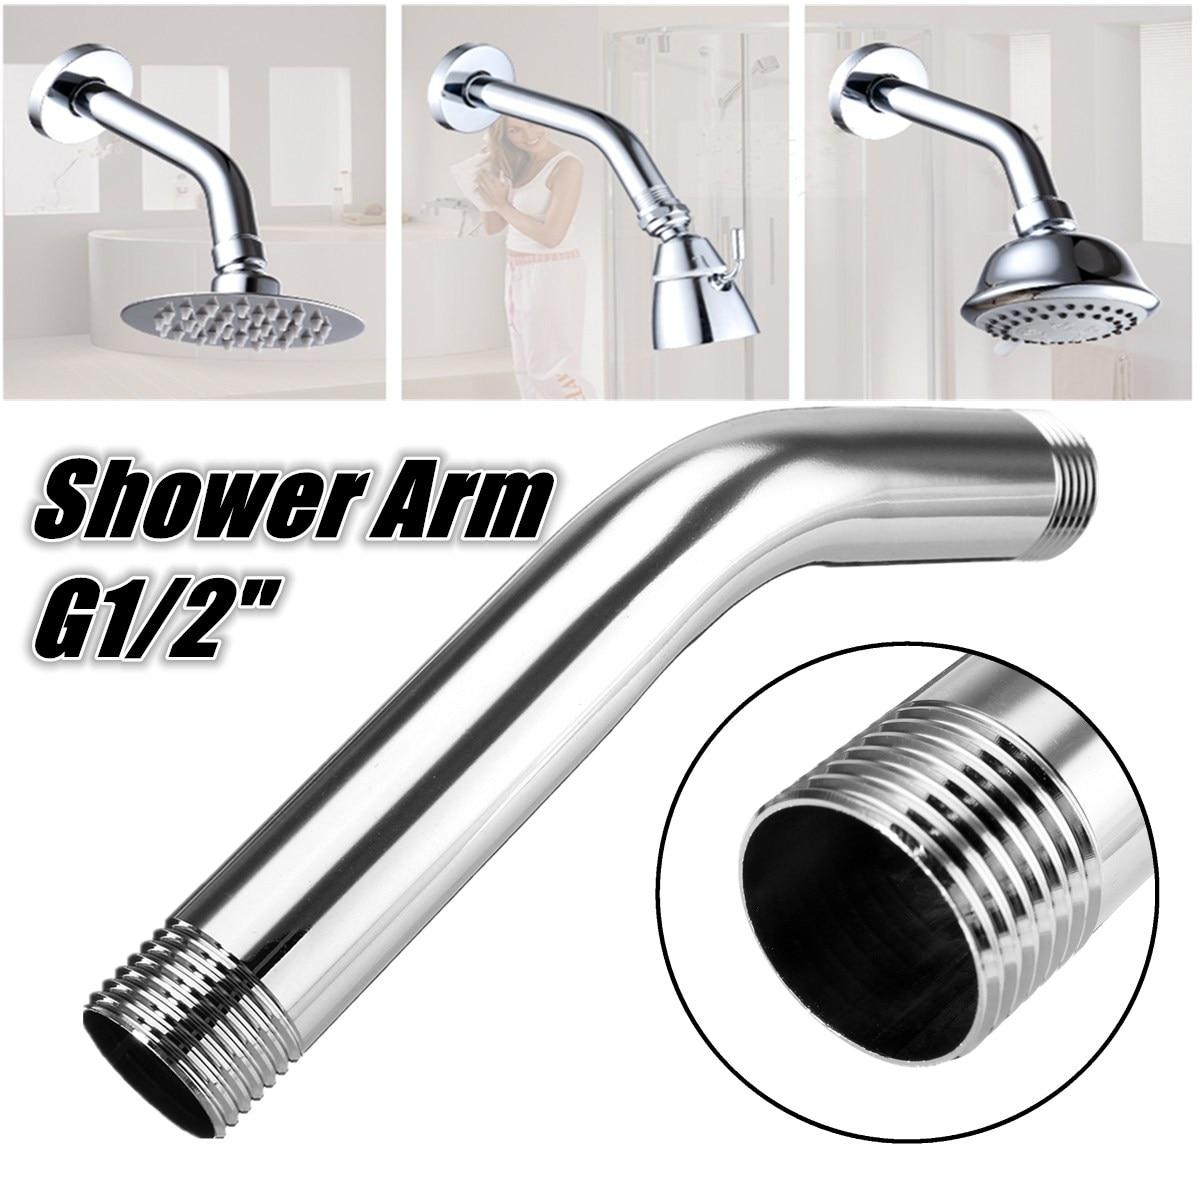 G1 2 Stainless Steel Shower Head Extra Tube Chrome Shower